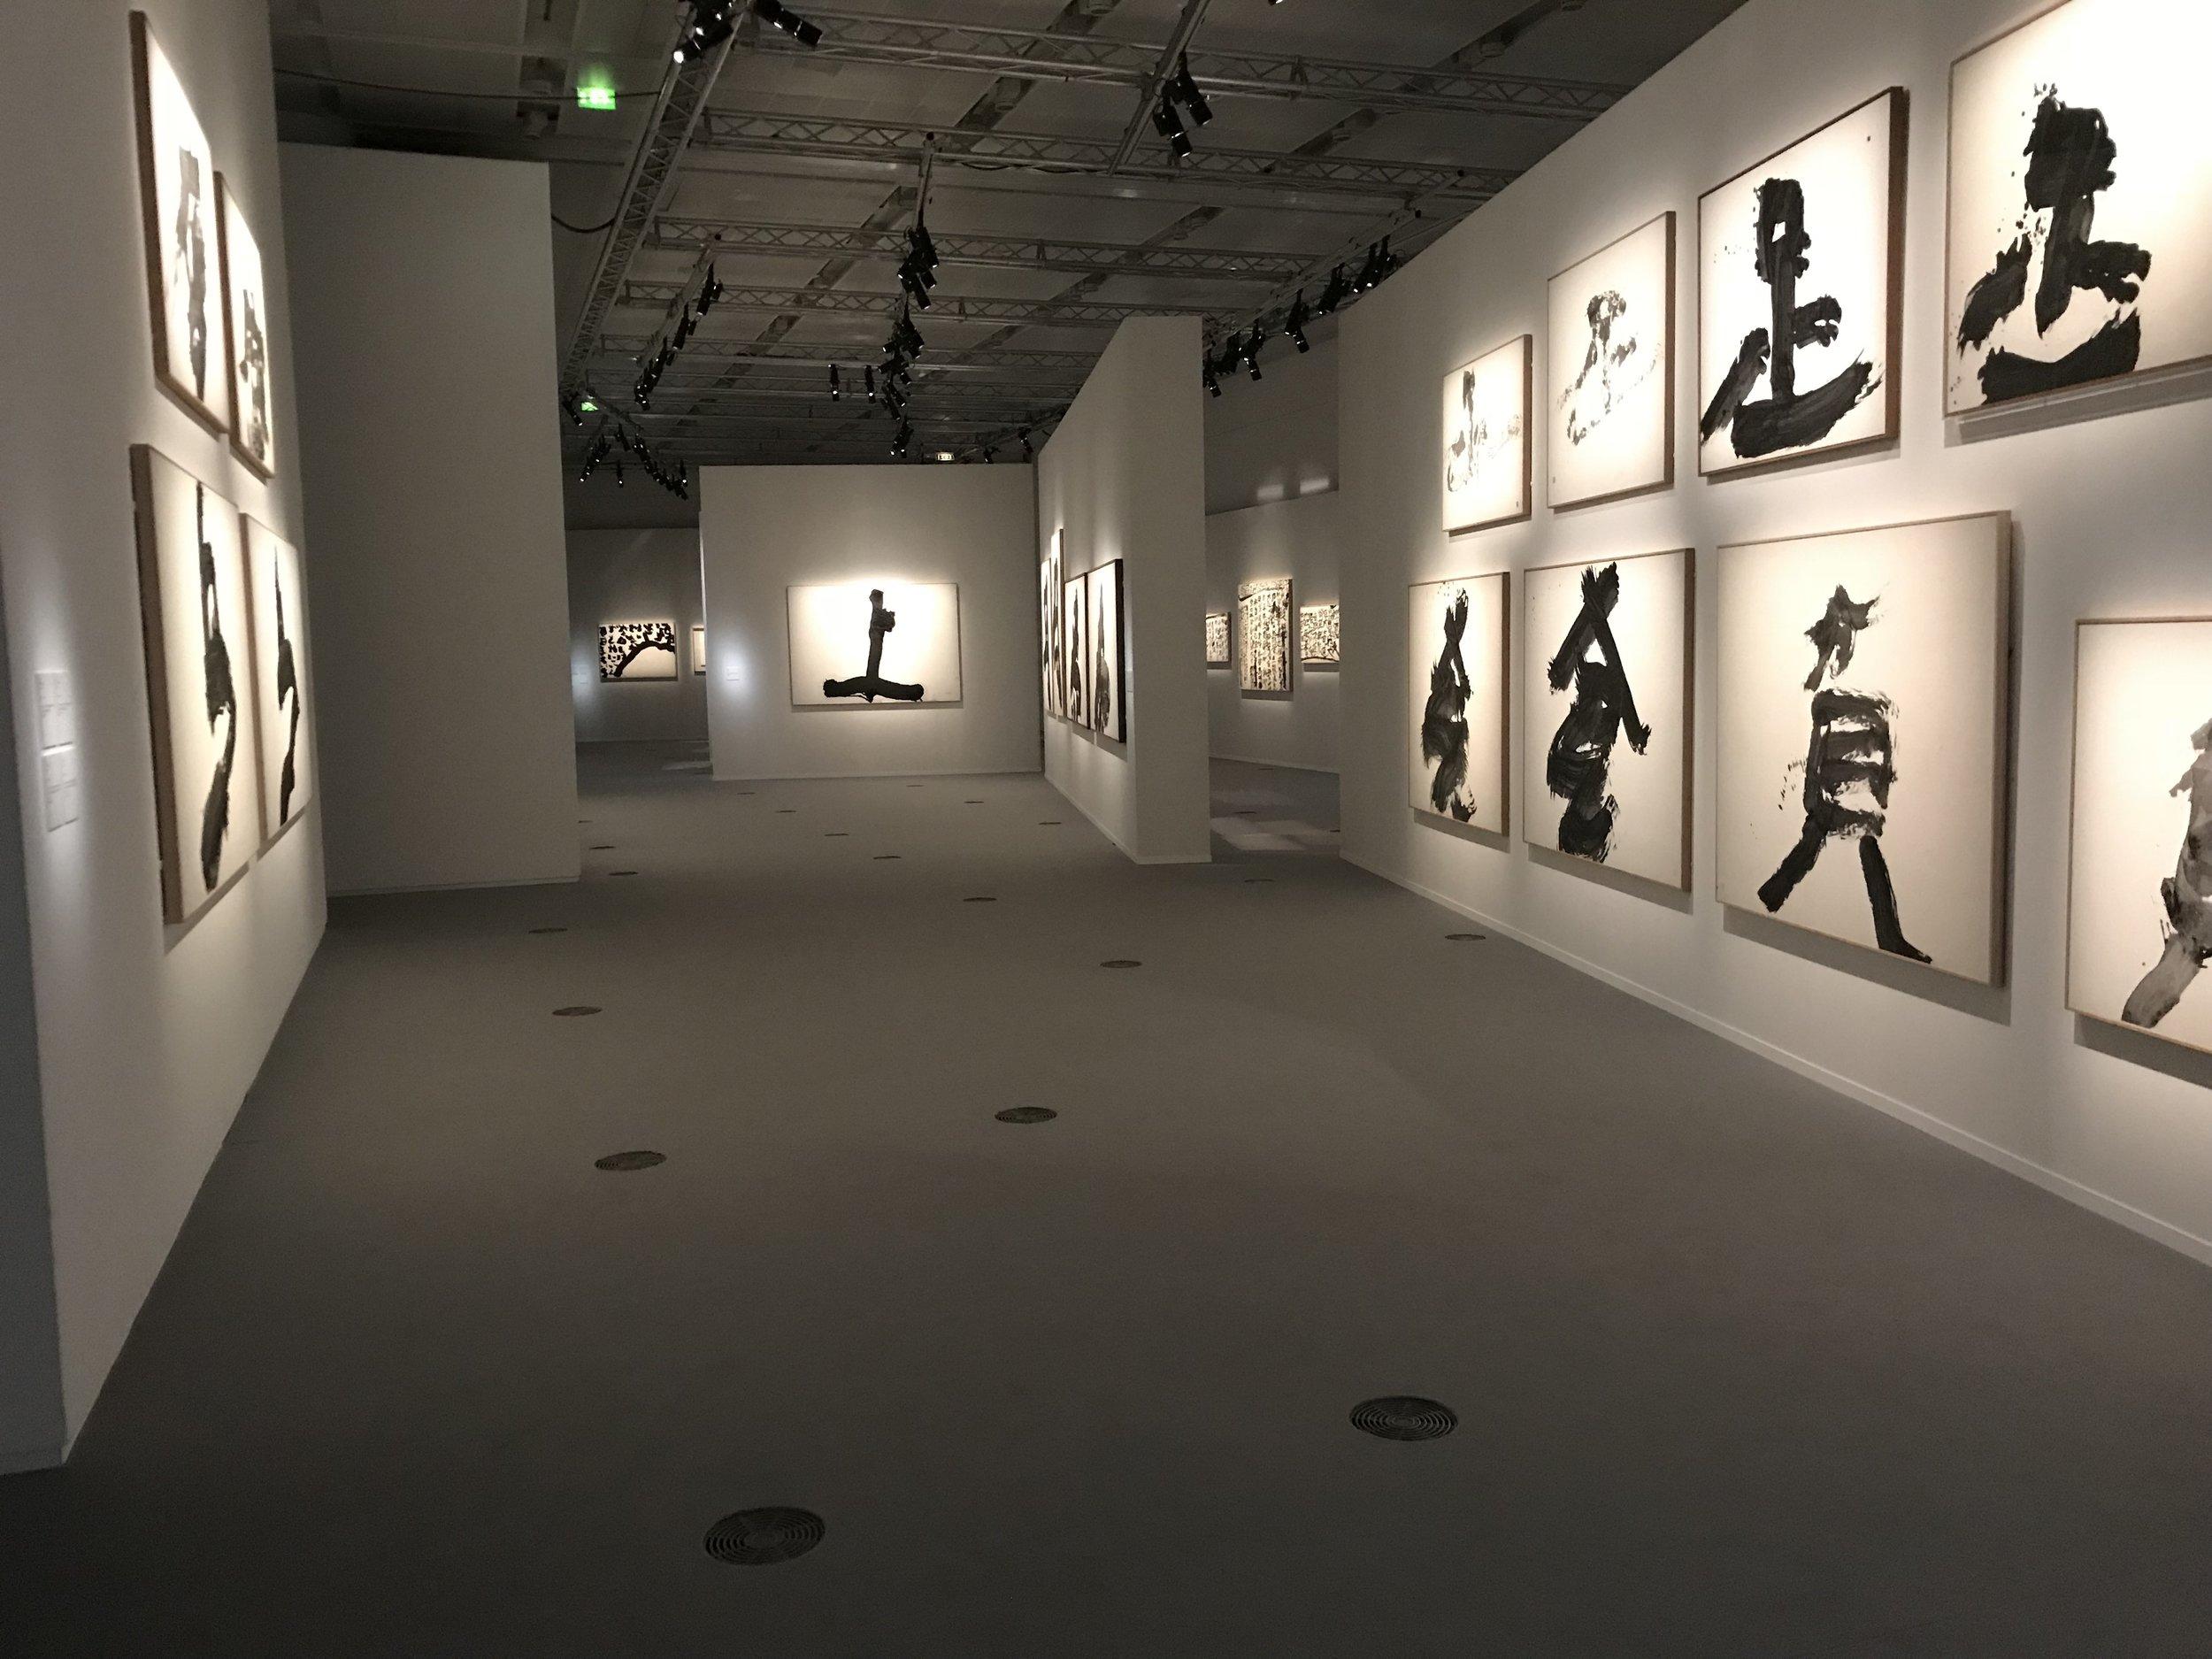 Inoue_yuichi_Paris_japon_exhibition.JPG